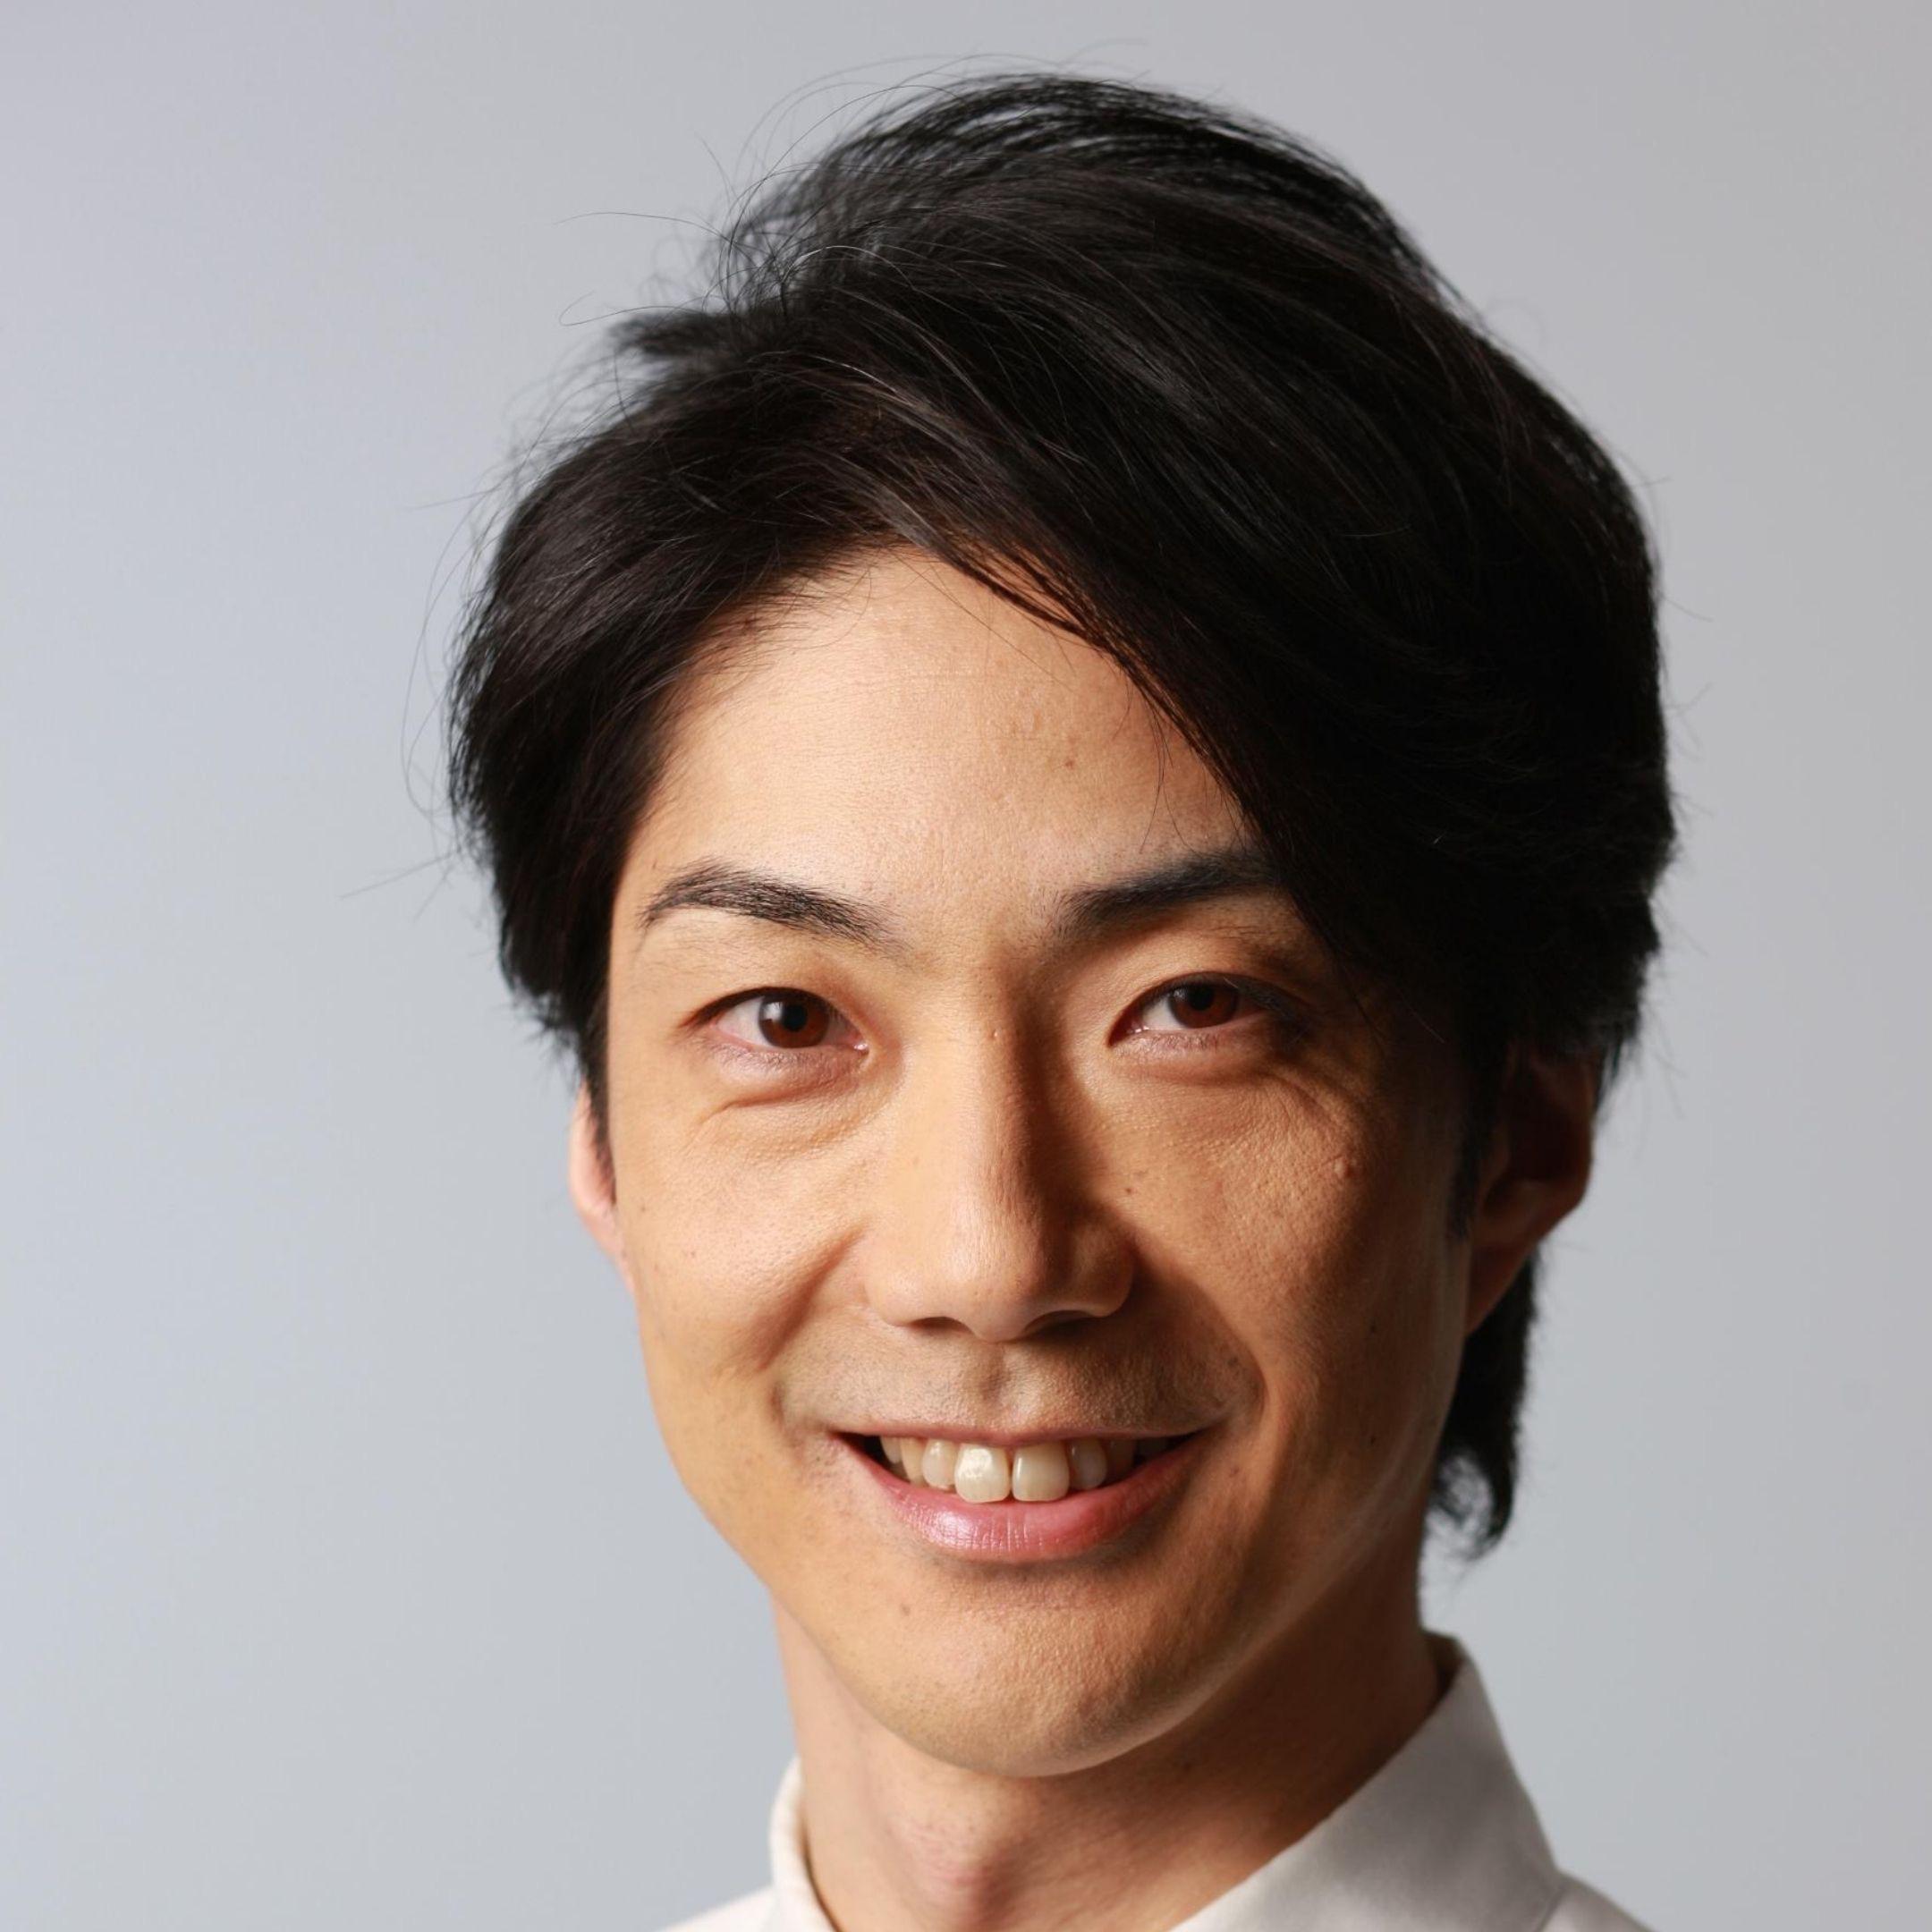 006「職業、野村萬斎」